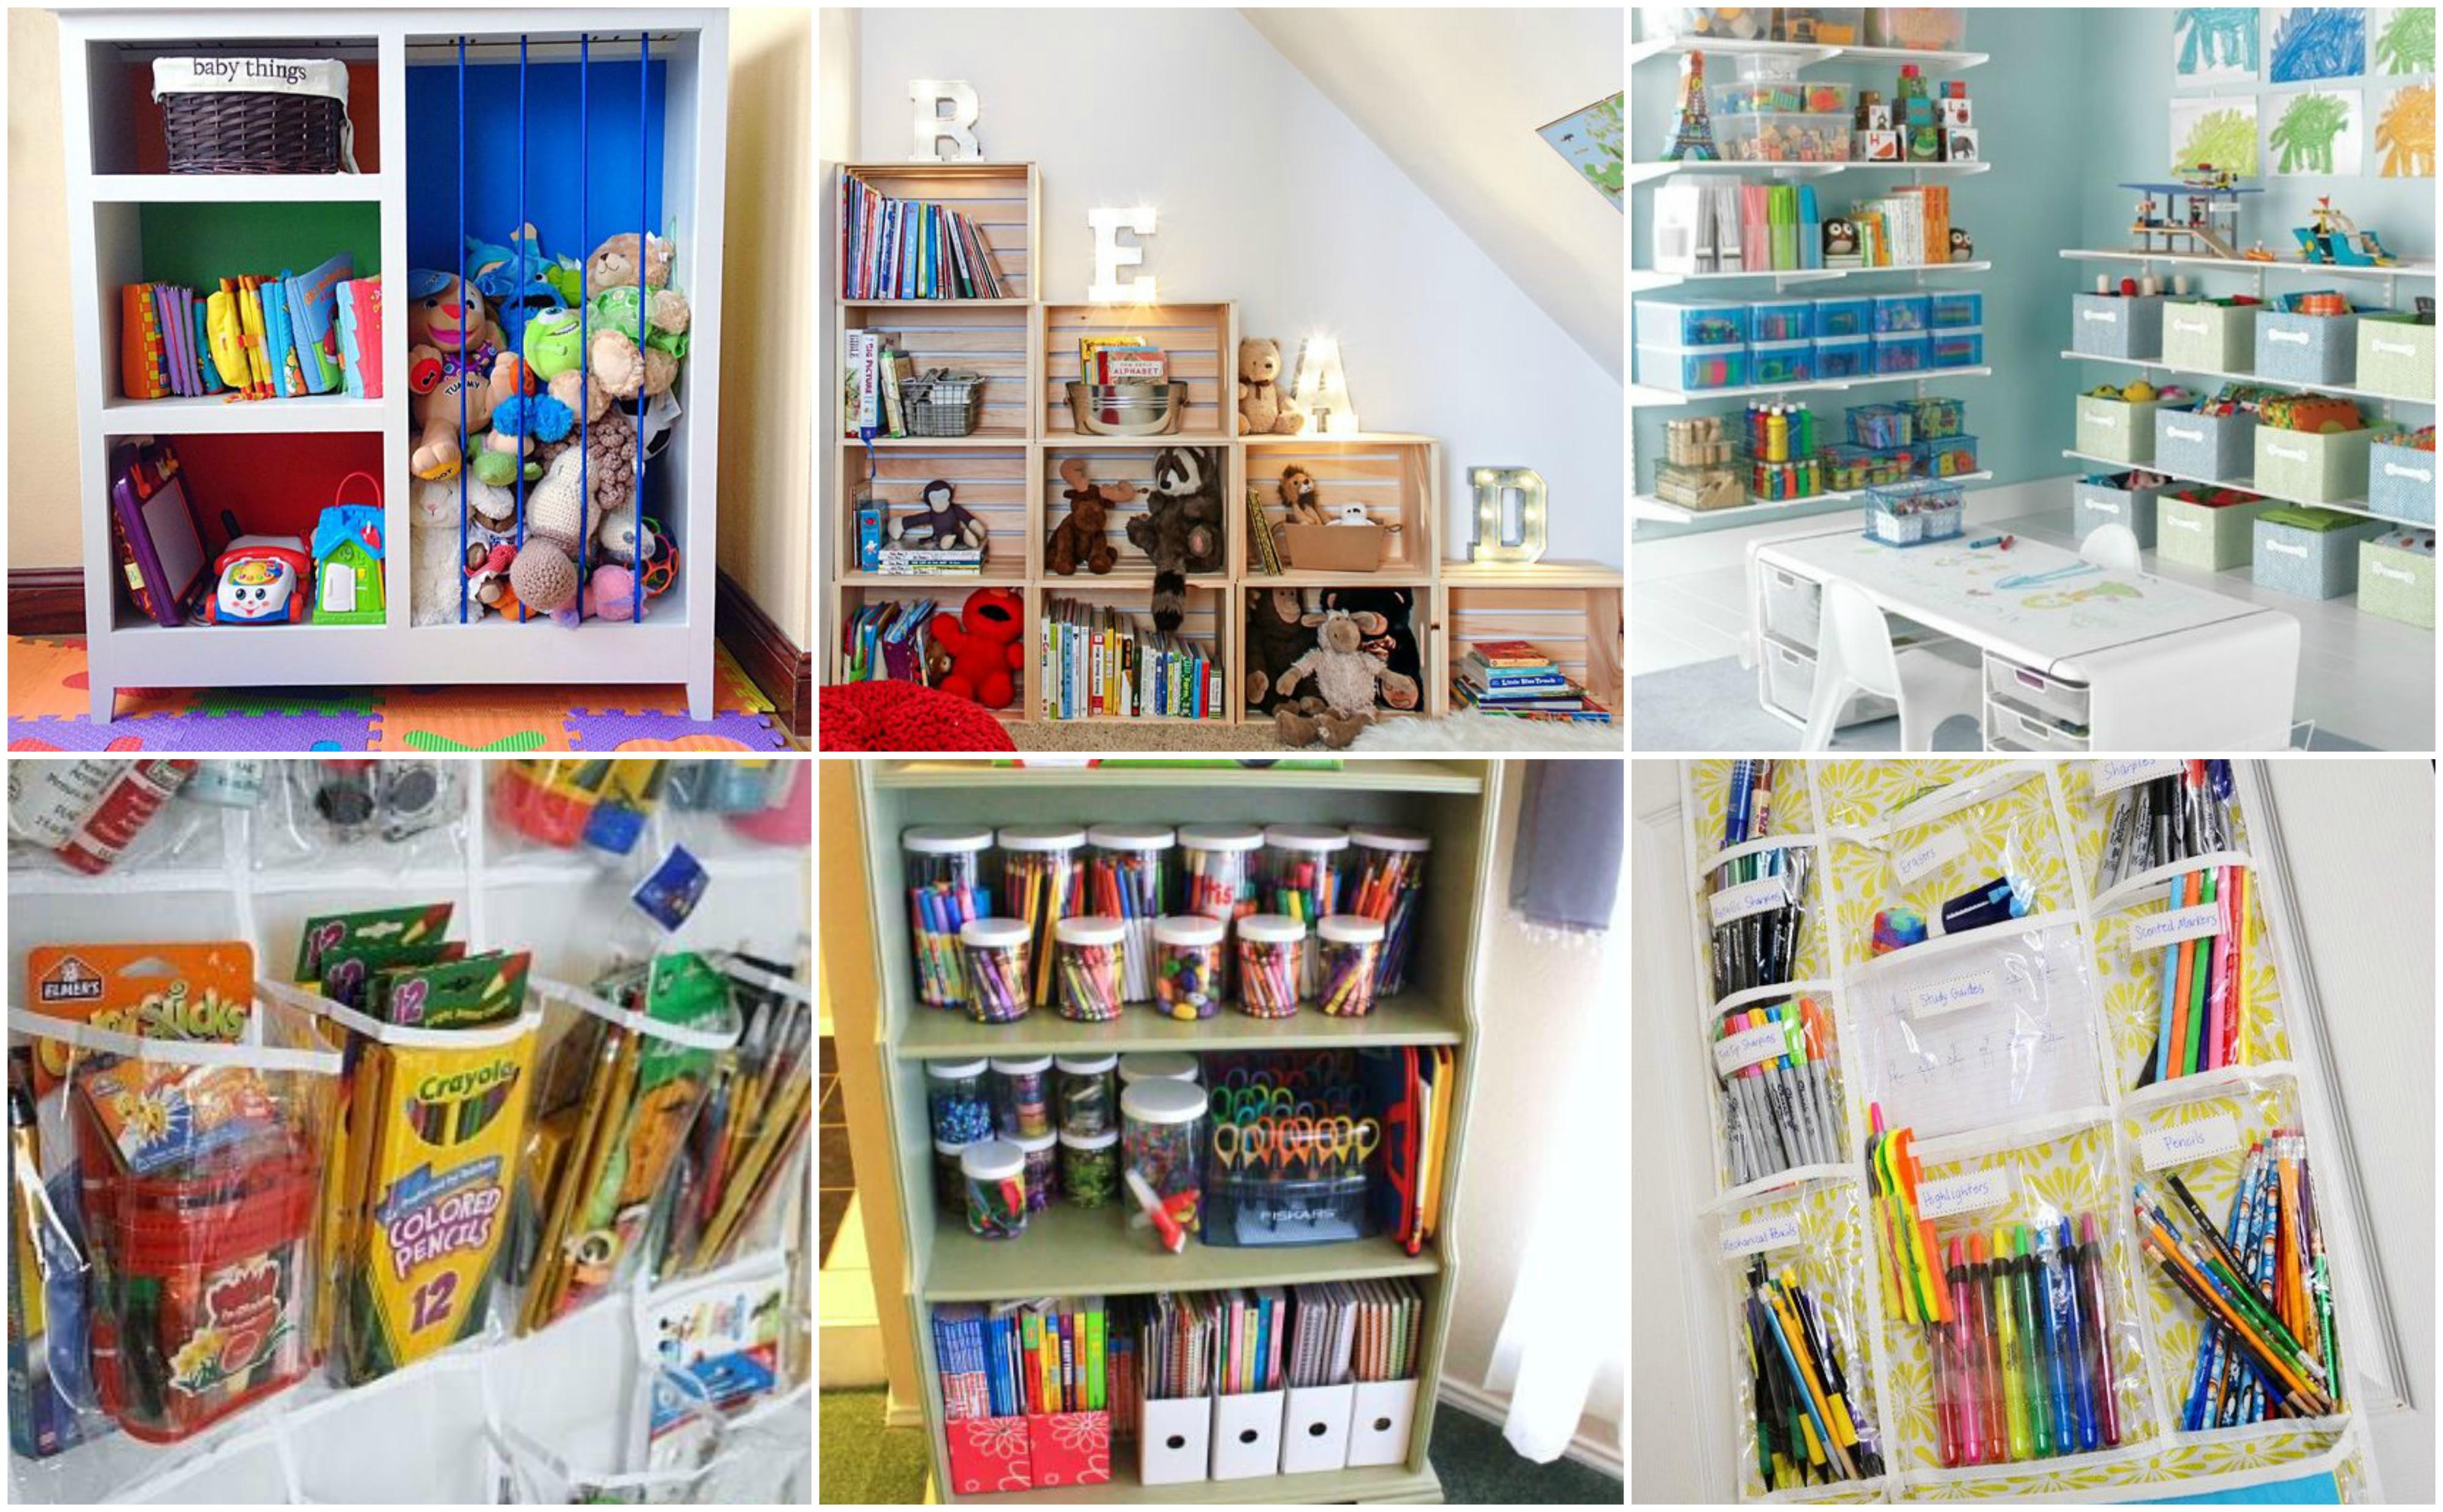 Ordnung Schaffen Ideen : endlich ordnung im kinderzimmer schaffen praktische ideen ~ Watch28wear.com Haus und Dekorationen